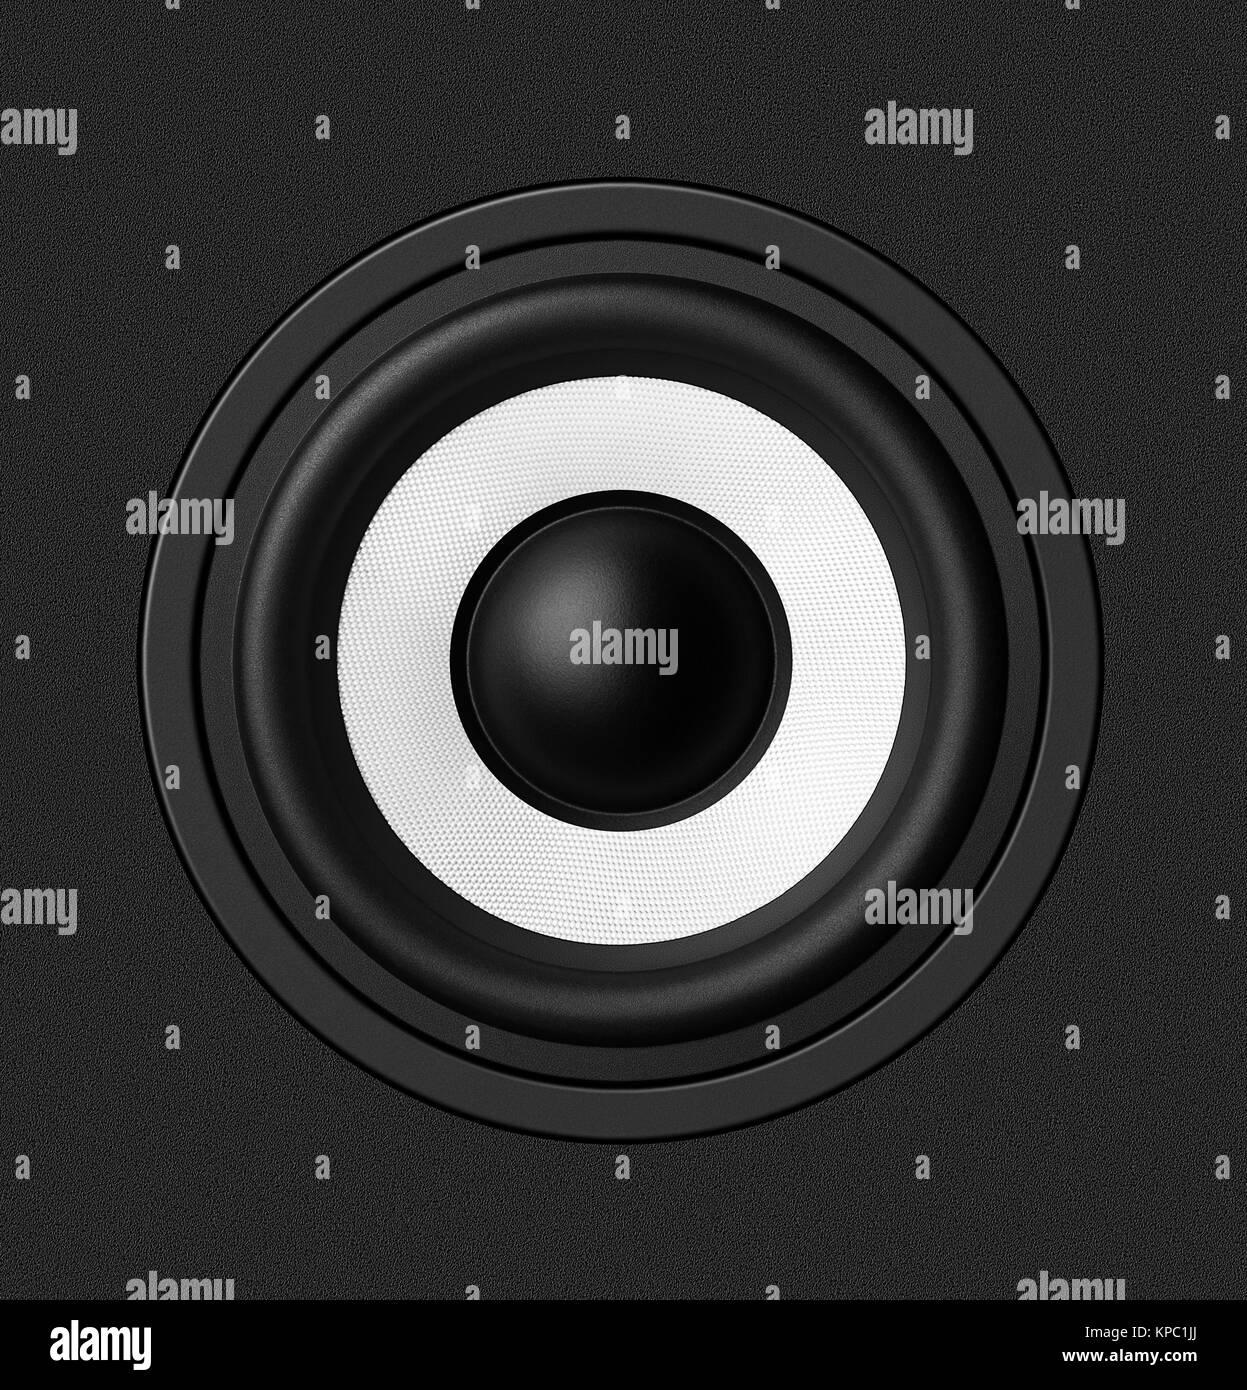 Speaker - Stock Image